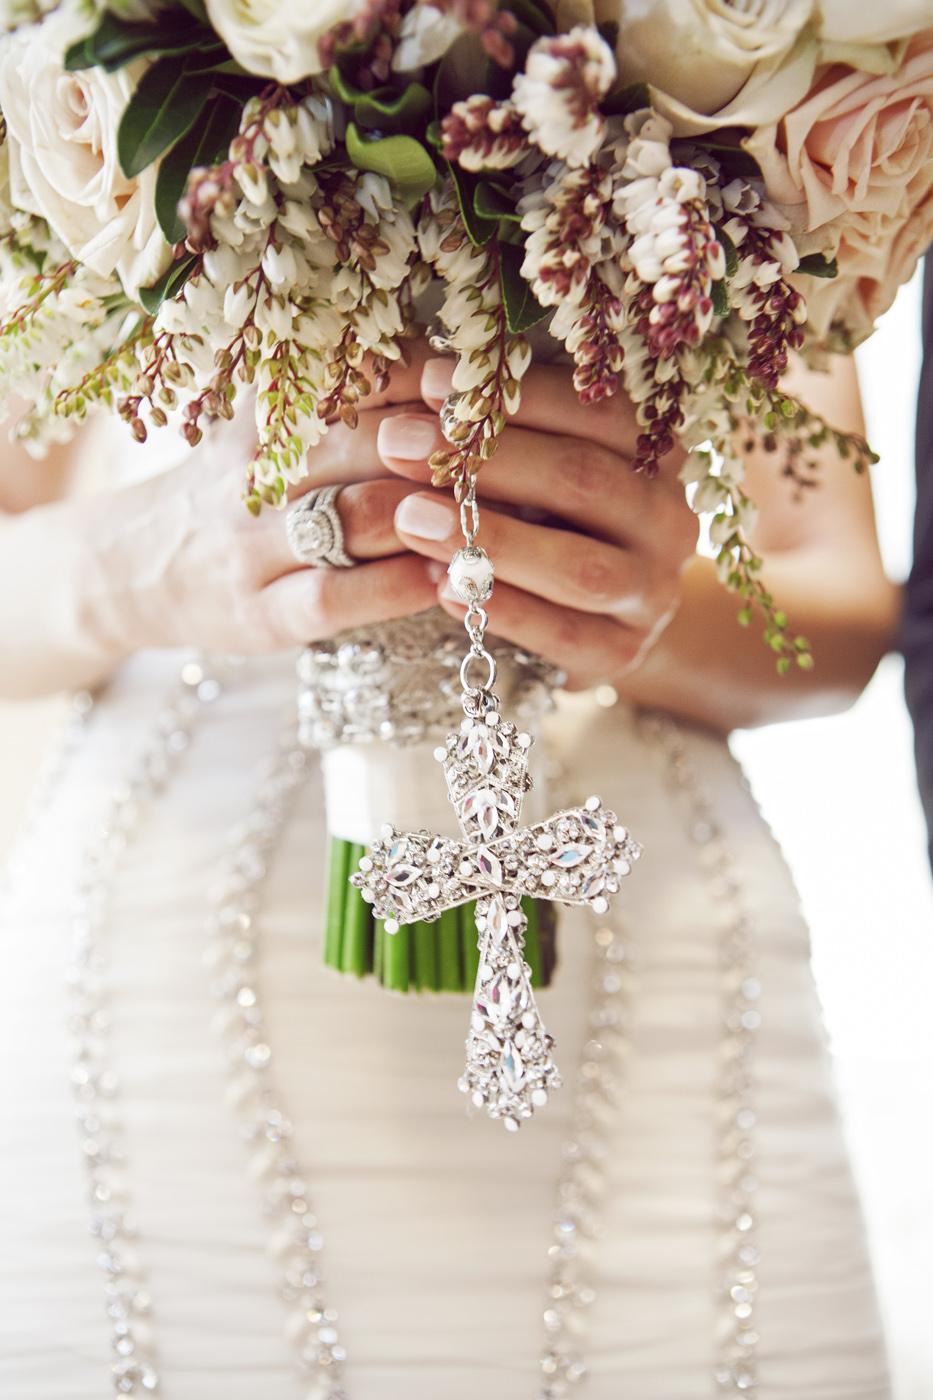 090_DukePhotography_DukeImages_Wedding_Details.jpg